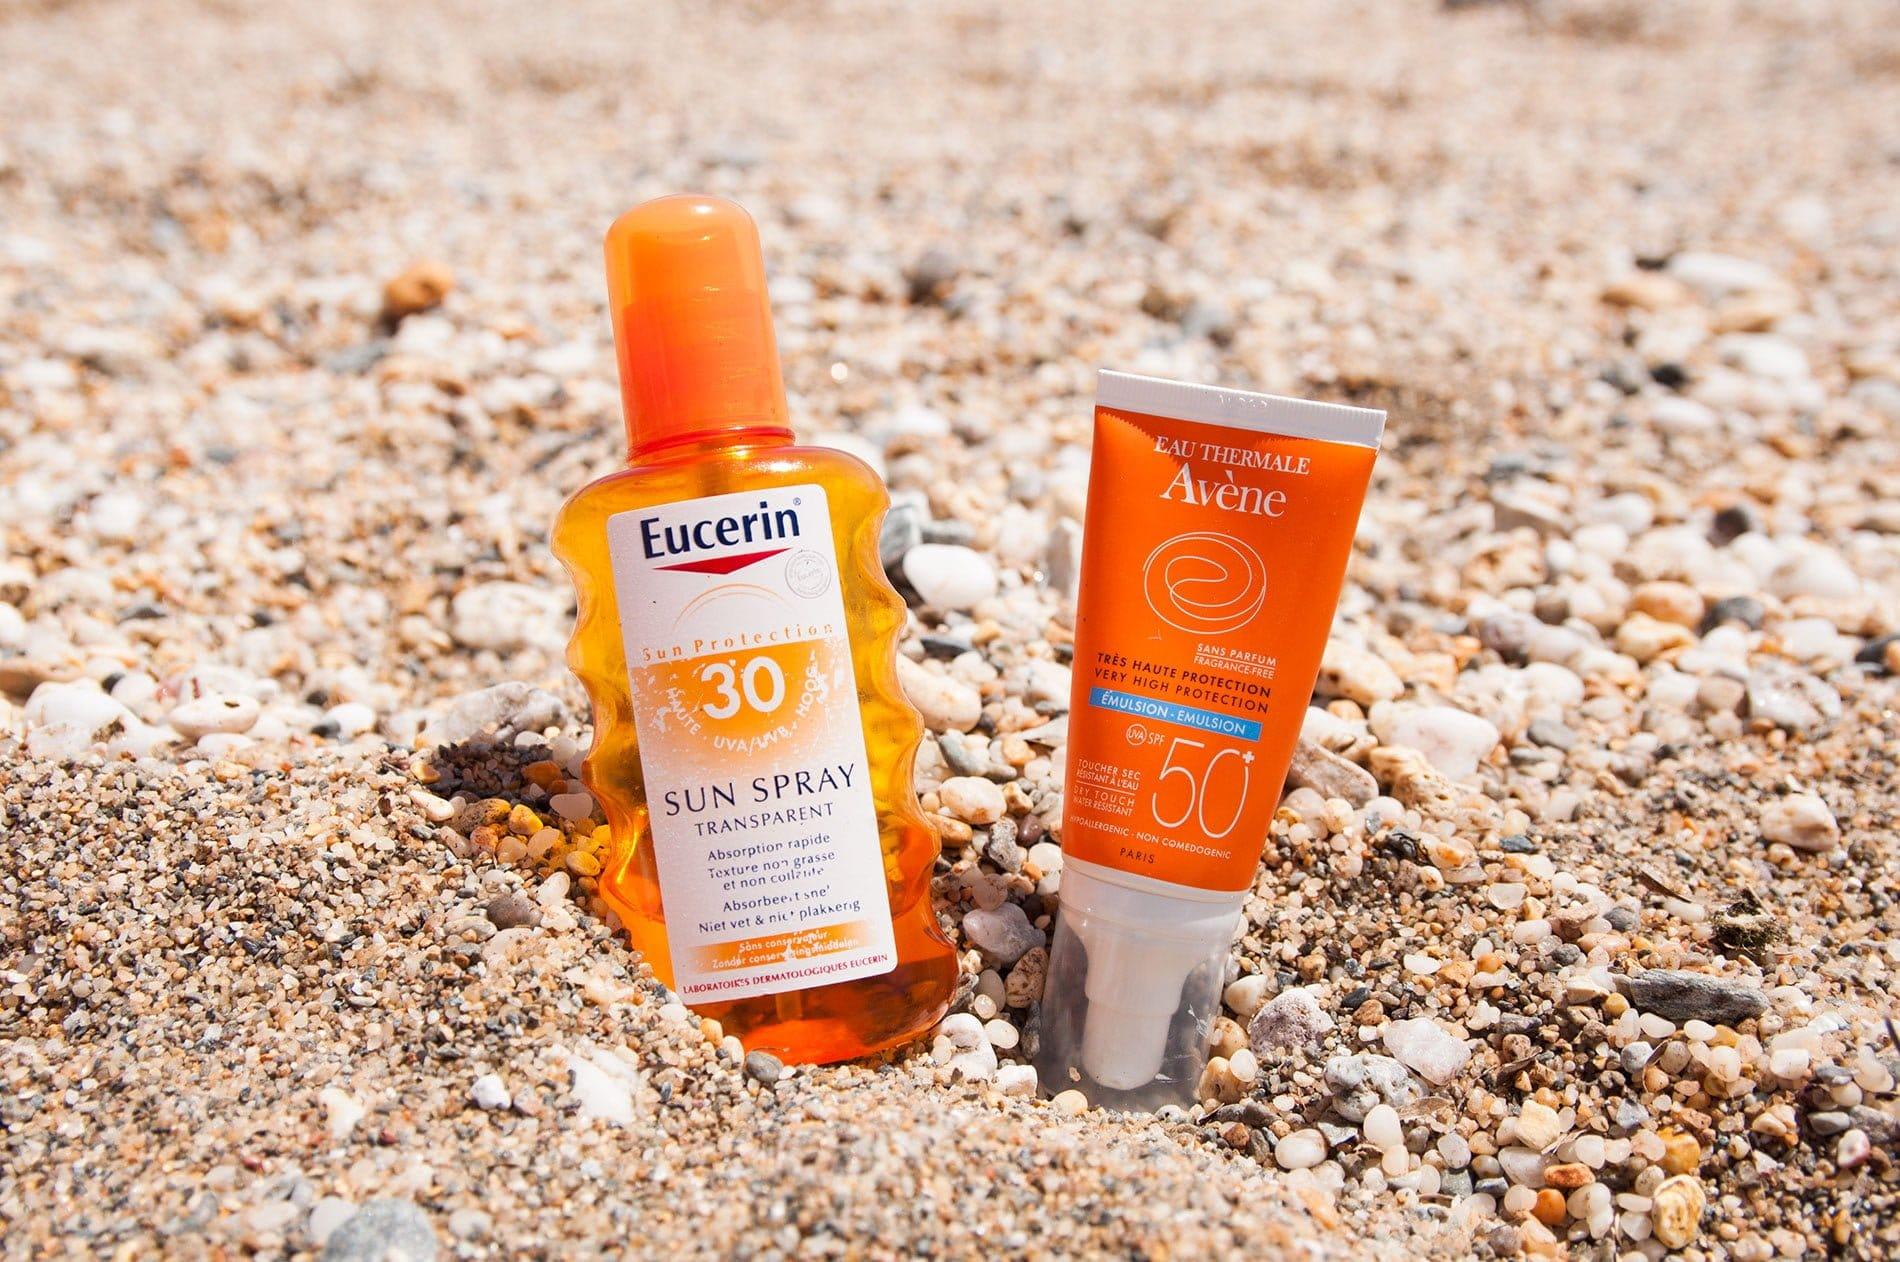 Sun Spray Eucerin, enfin une crème solaire non collante ! - 22 v'la Scarlett